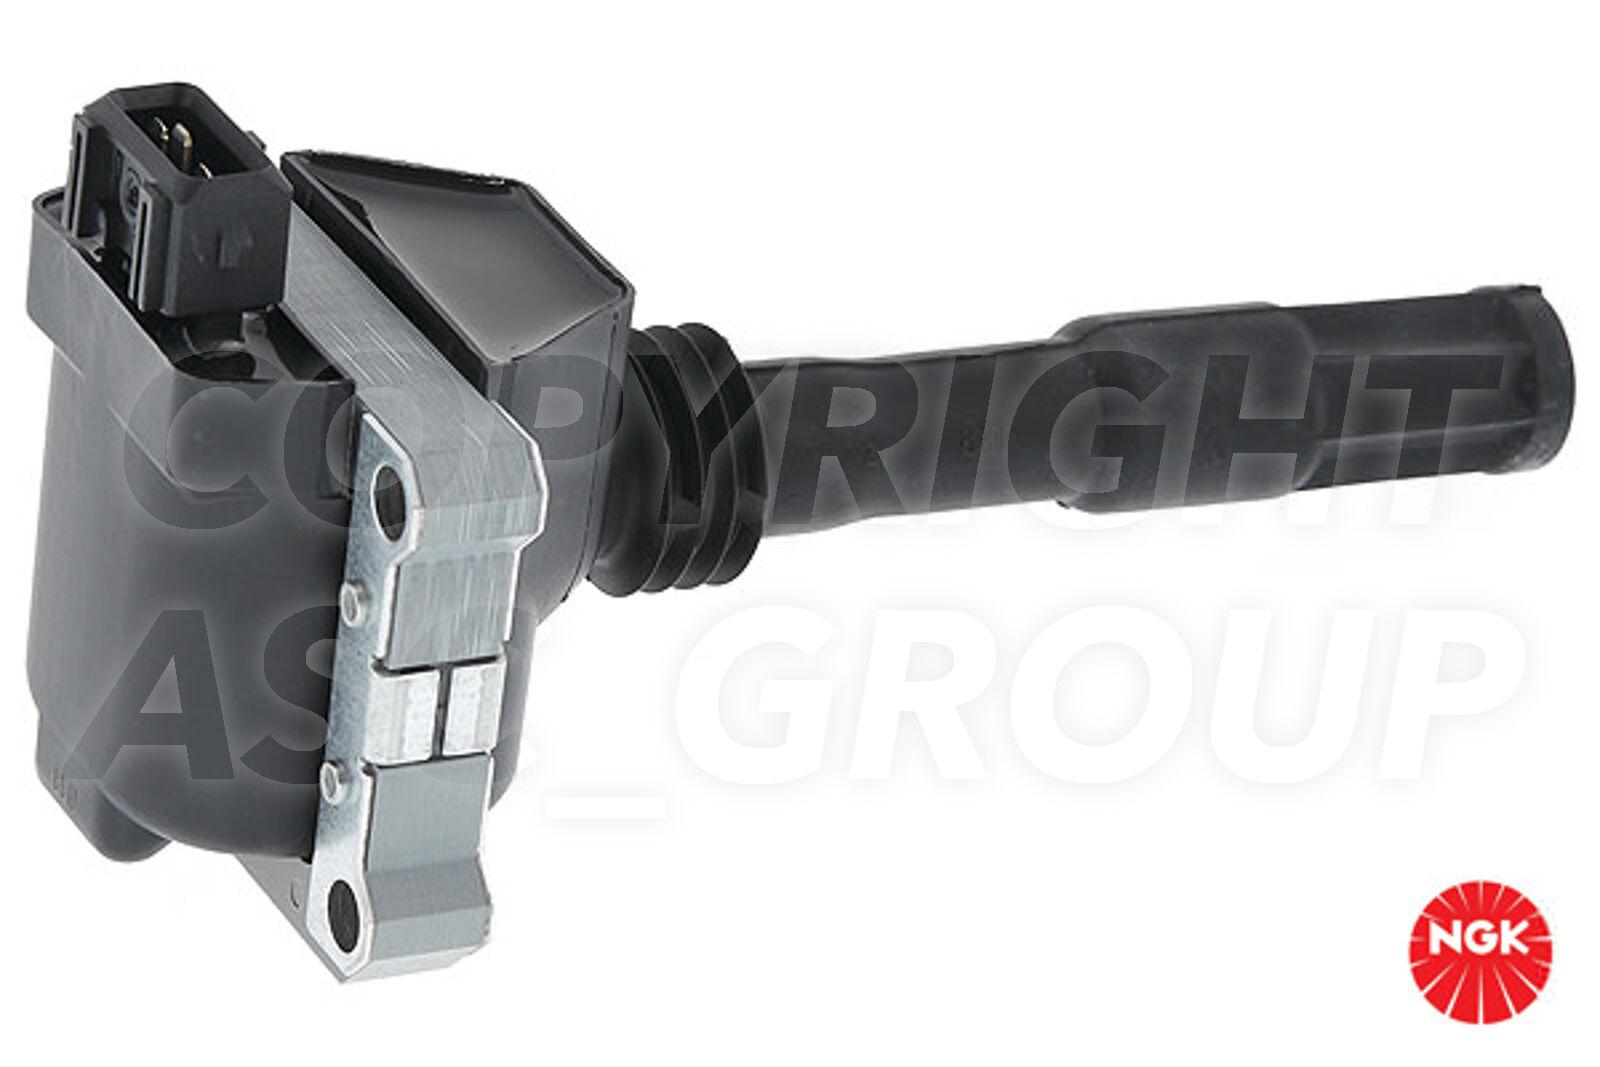 Neu NGK Zündspule für für für Alfa Romeo 156 932 2.5 Immobilien-Salon 2000-03 e17c72